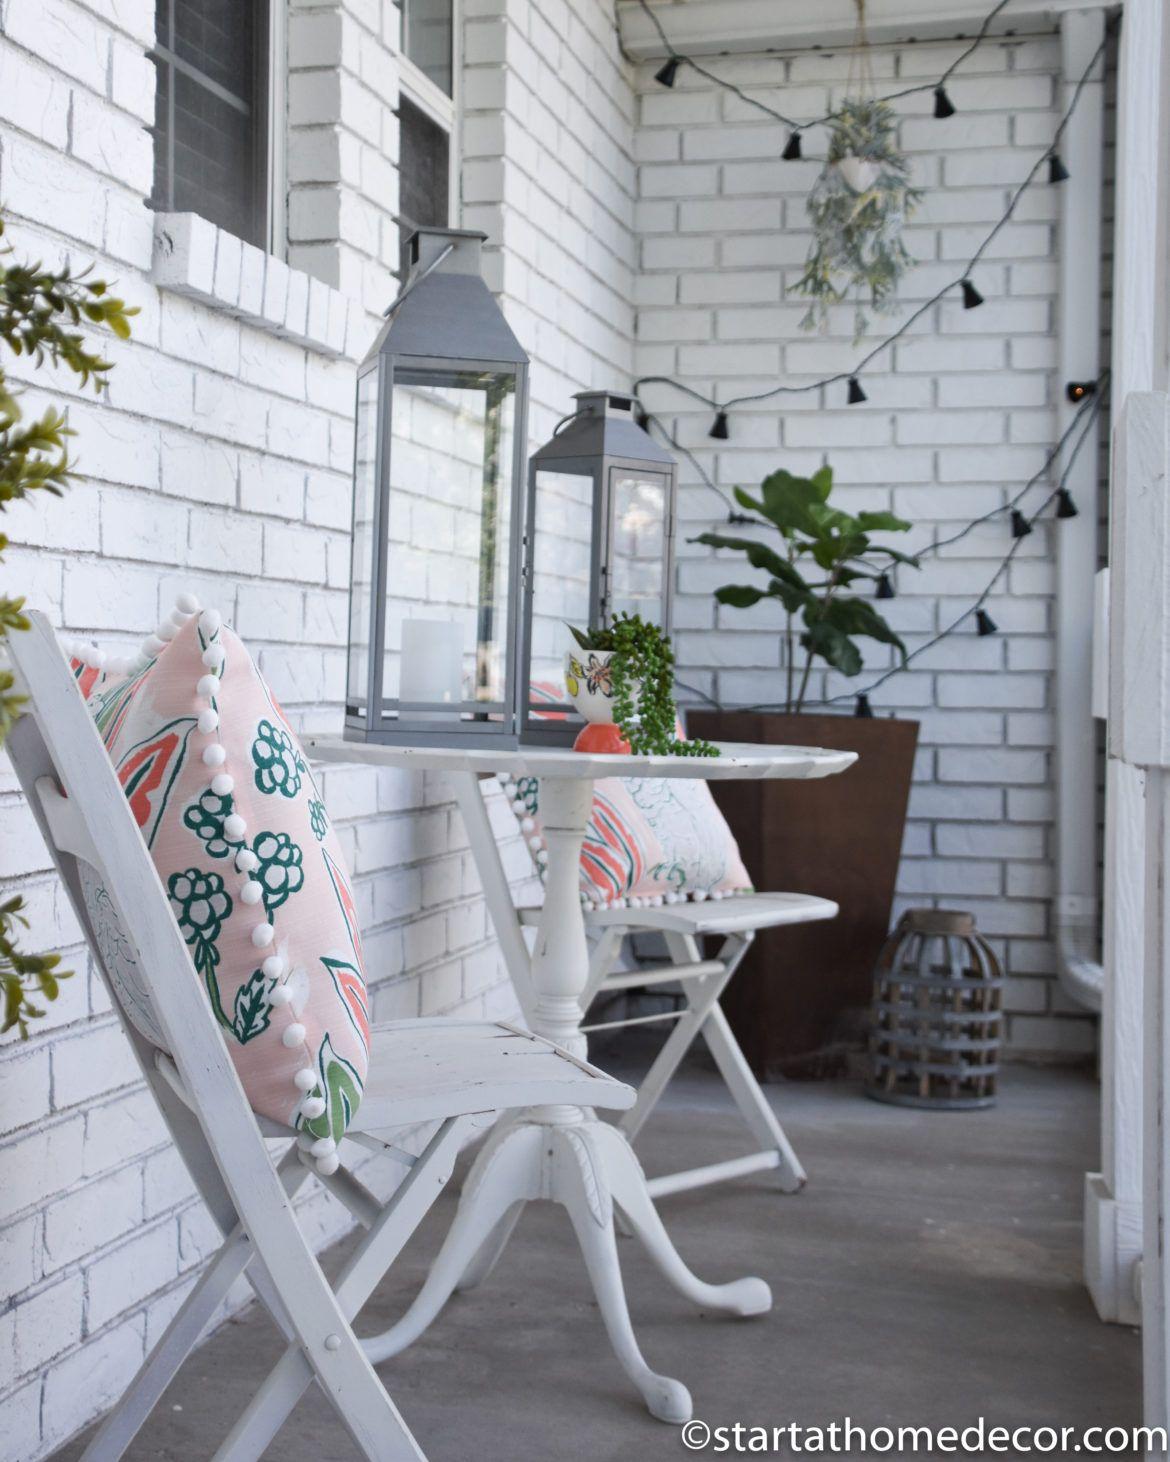 Best Summer Boho Porch For Under 200 Decor Home Decor Boho 640 x 480